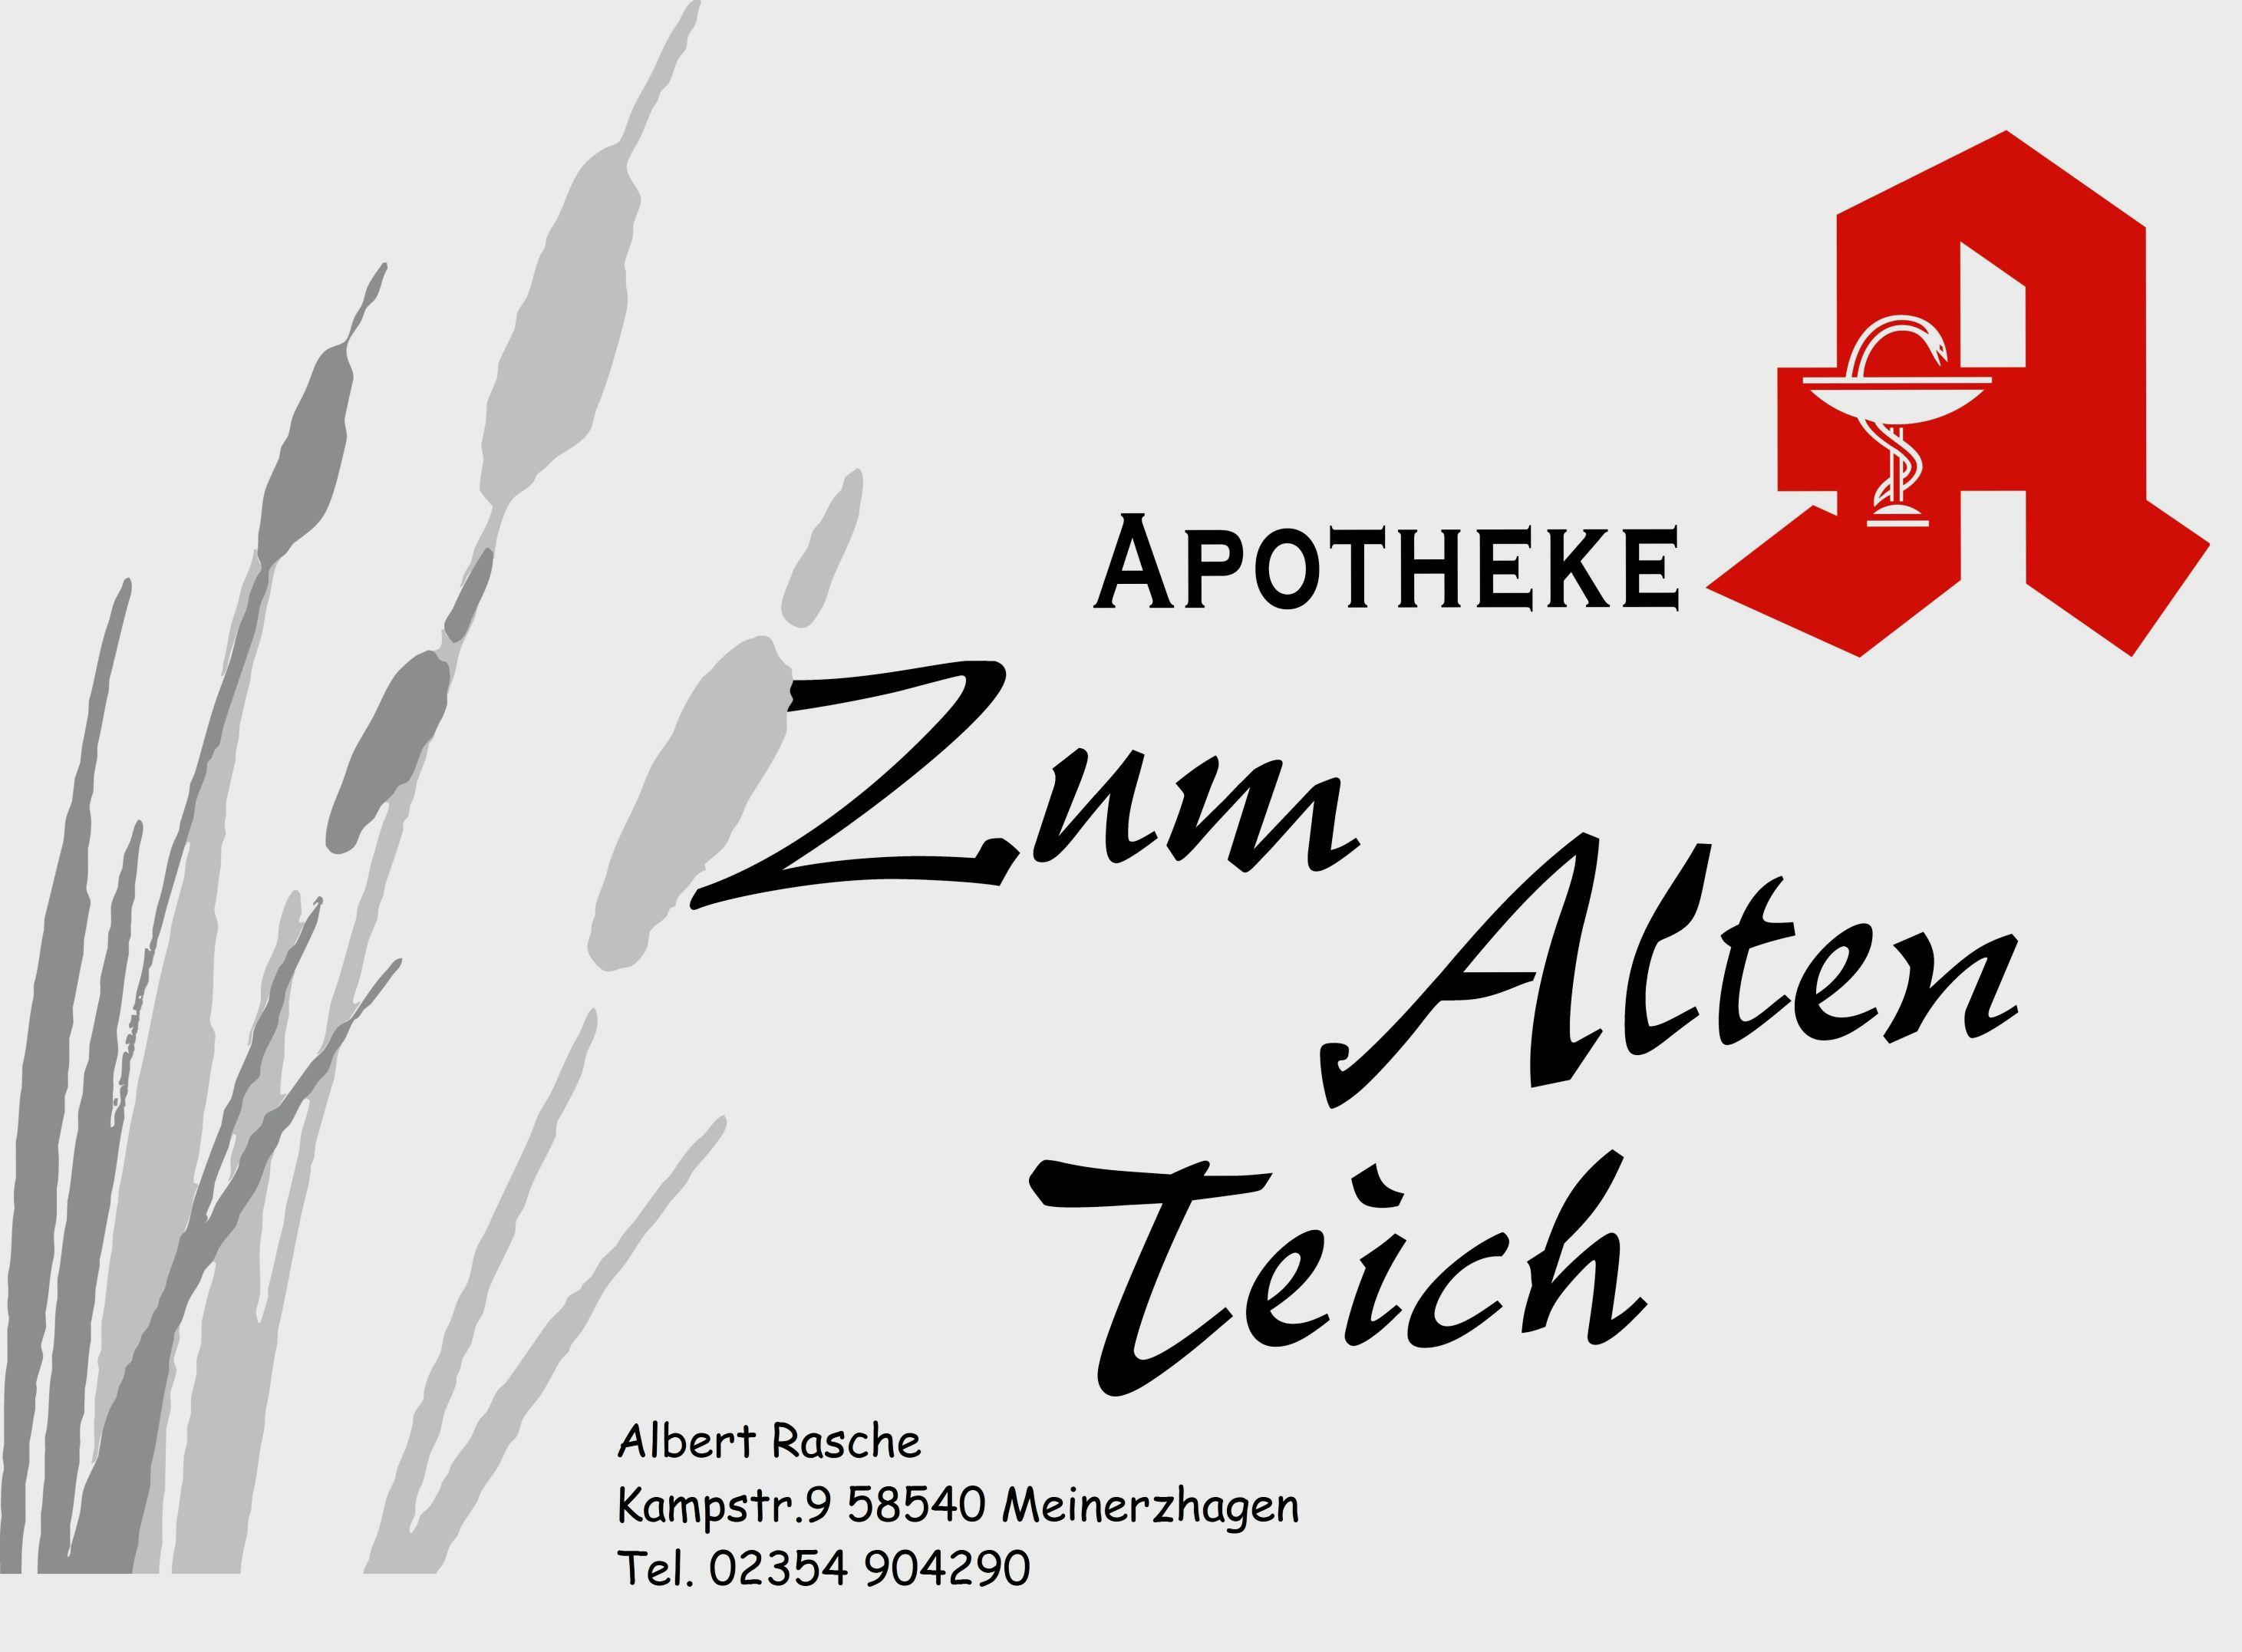 Apotheke Zum Alten Teich